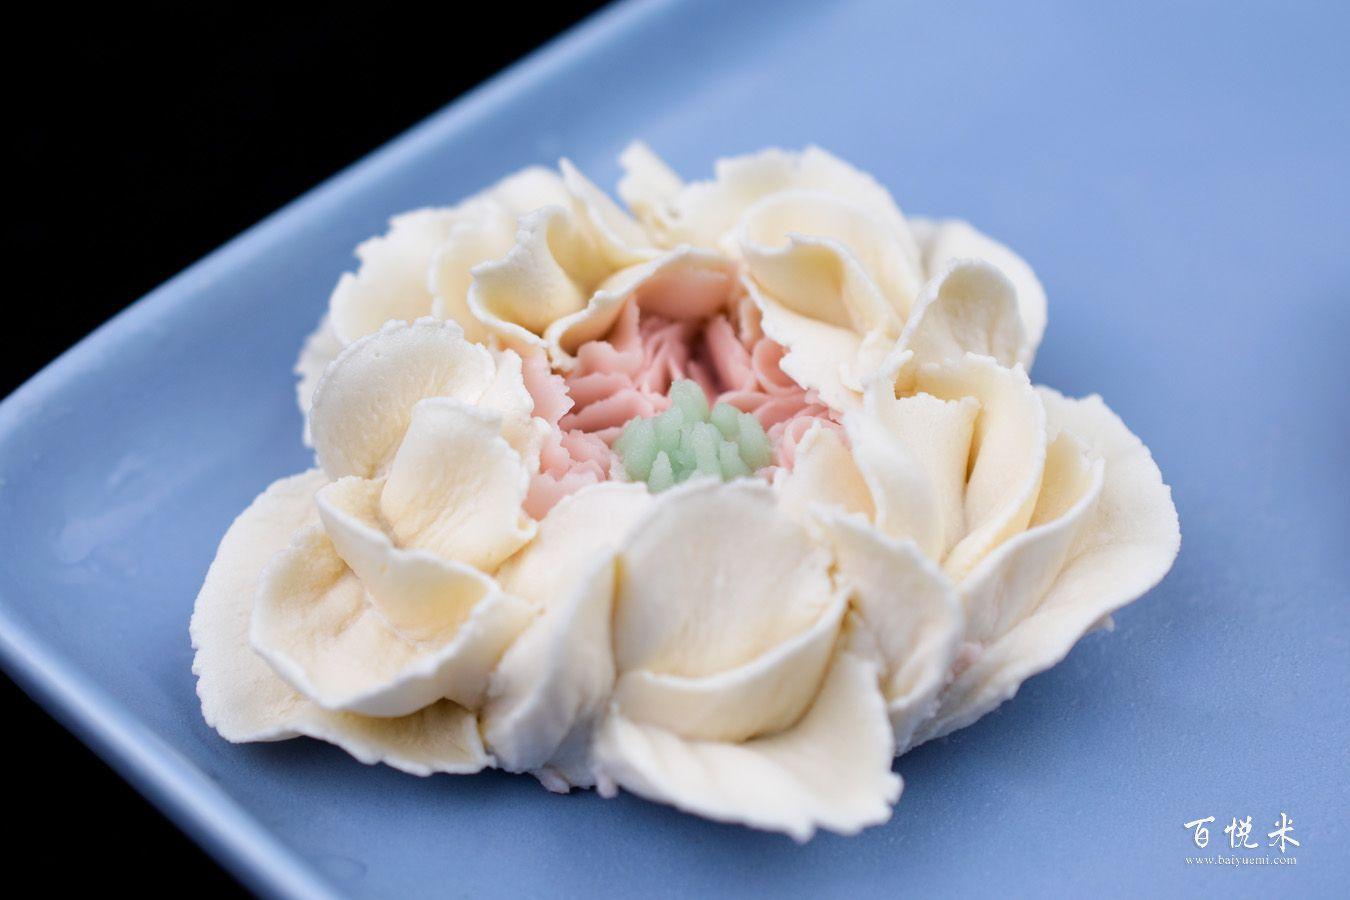 奥斯汀玫瑰韩式裱花的做法大全,玫瑰韩式裱花西点培训图文教程分享